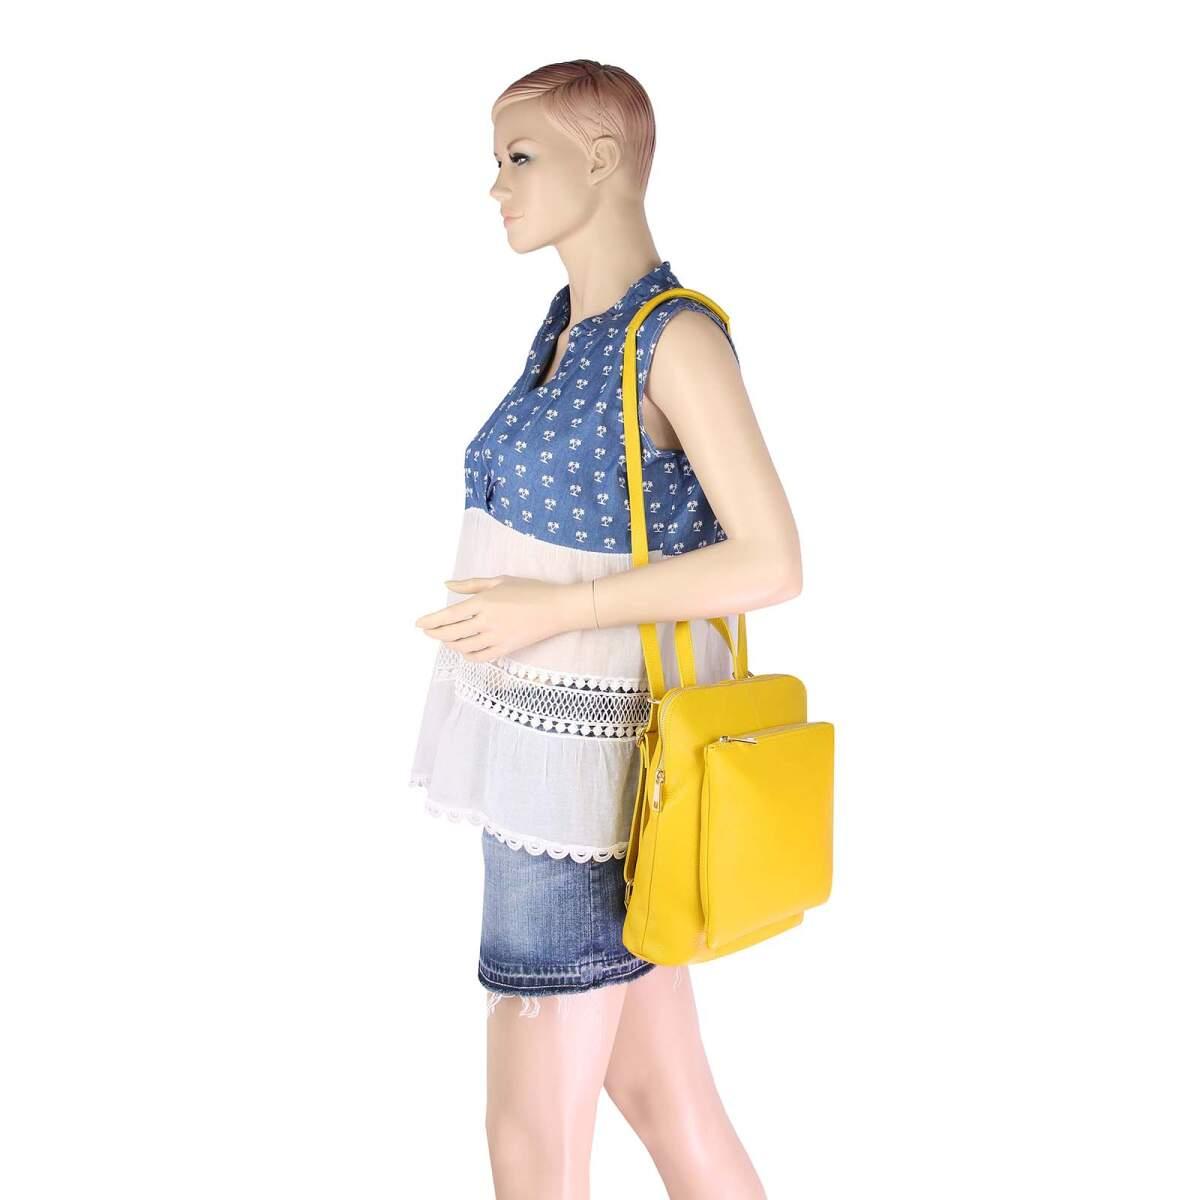 obc made in italy damen echtleder rucksack daypack lederrucksack tasche. Black Bedroom Furniture Sets. Home Design Ideas